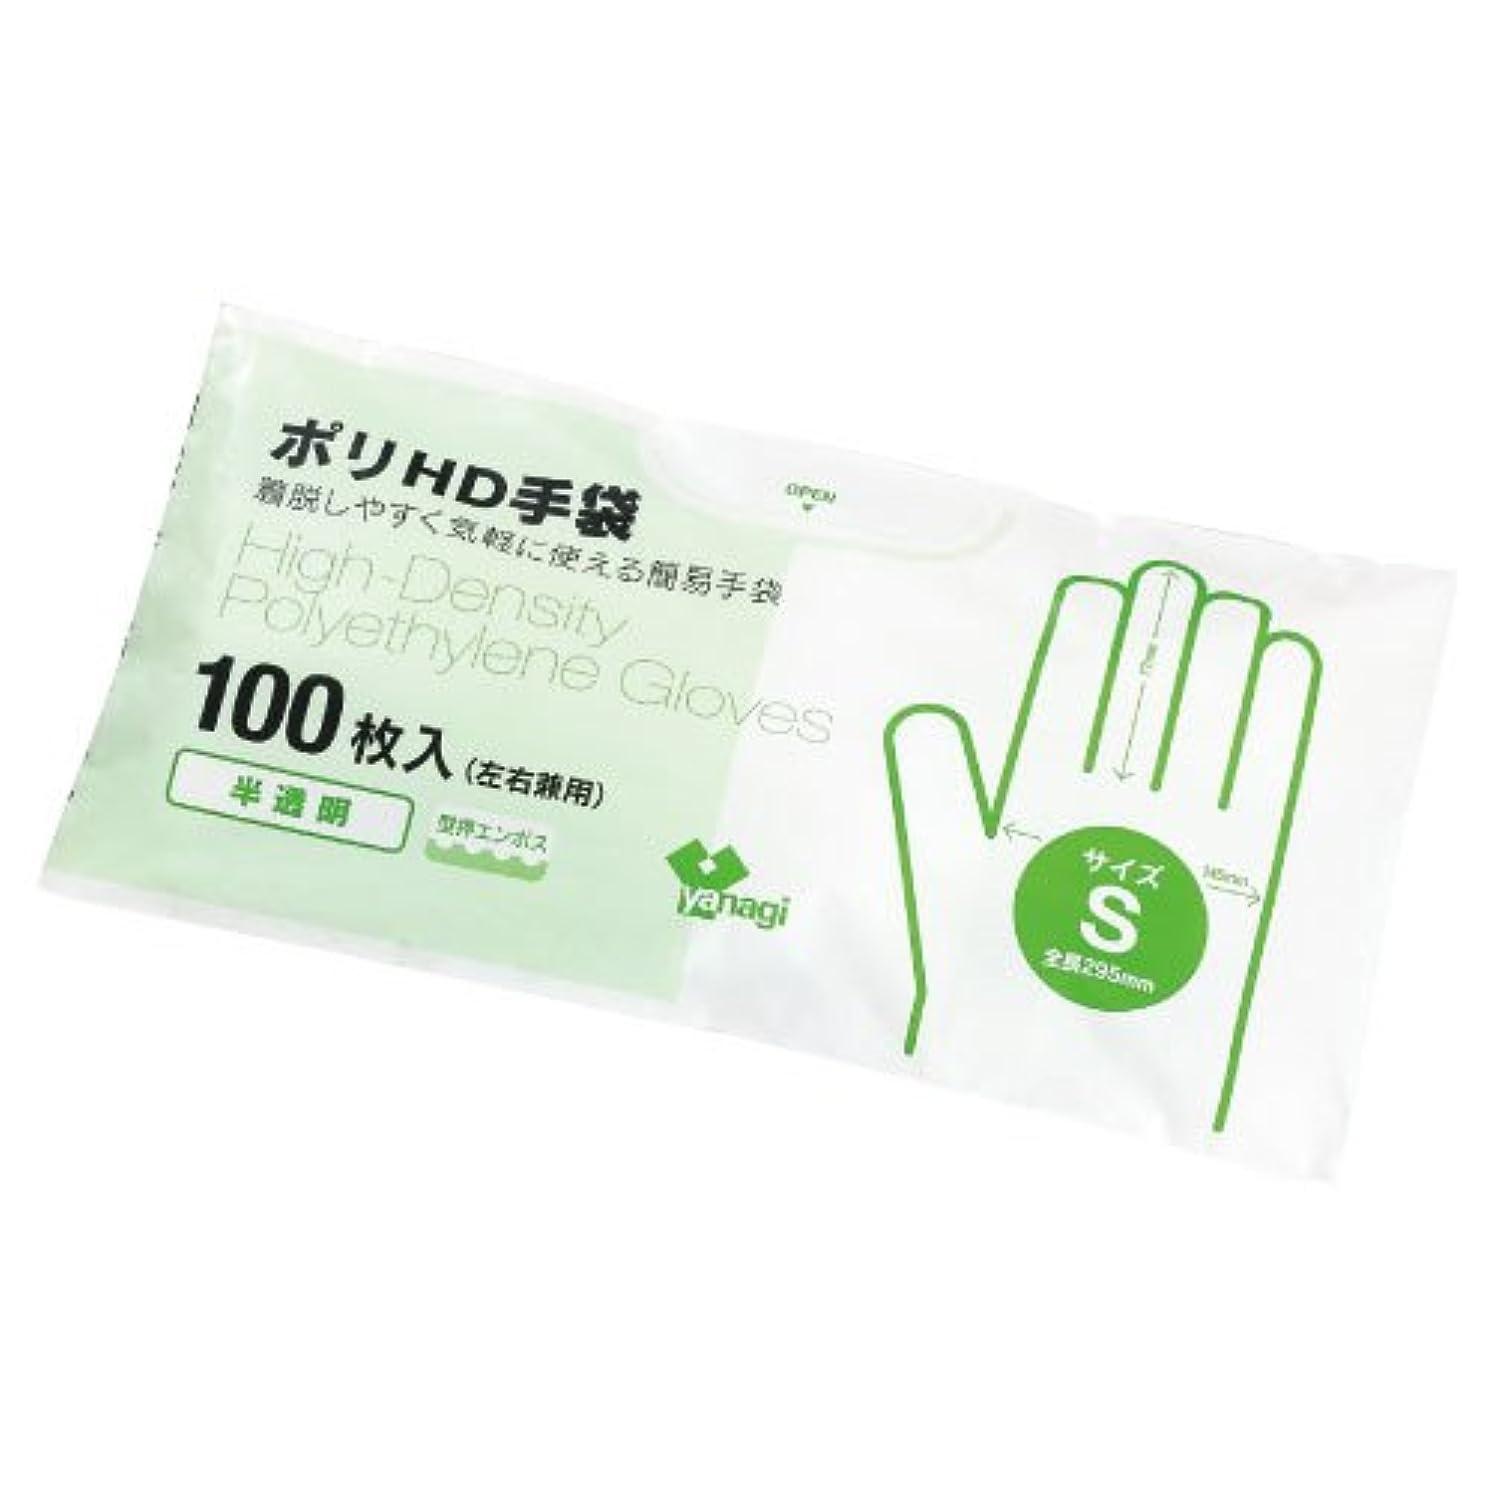 良性湖シャーロットブロンテポリHD手袋(半透明)型押エンボス TB-202(S)100???? ???HD???????????????(24-2575-00)【やなぎプロダクツ】[120袋単位]